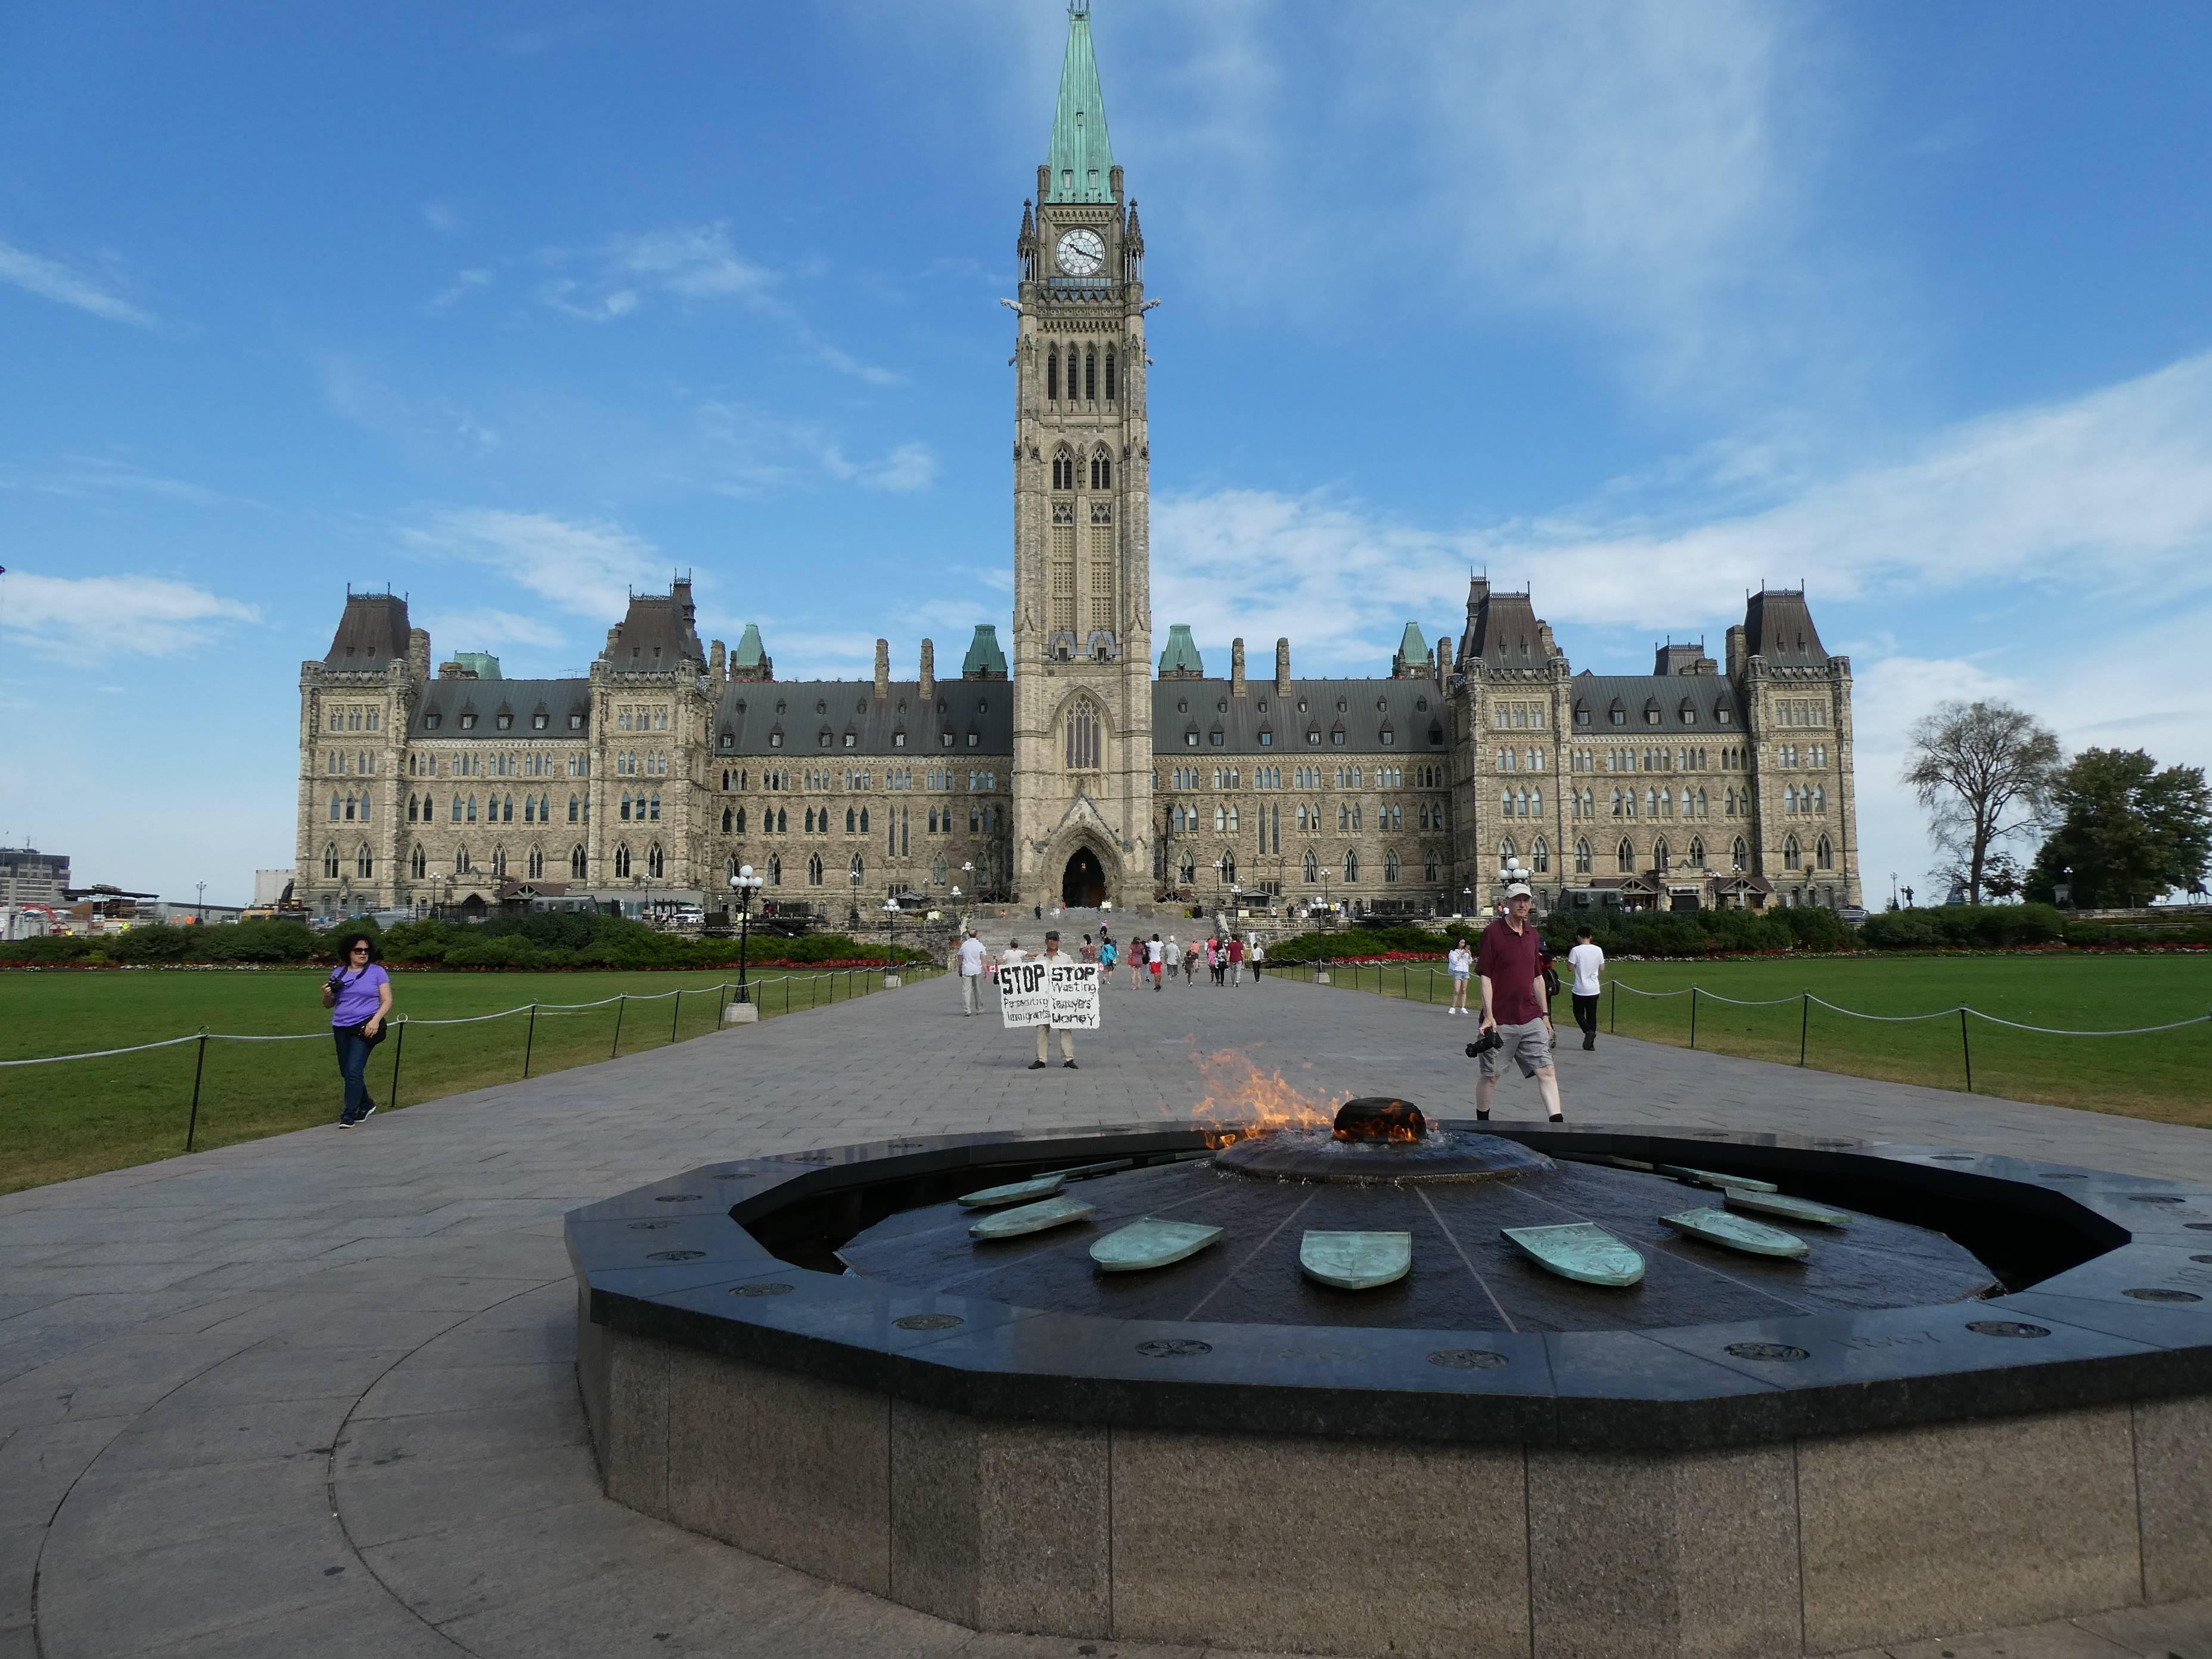 Photo 2: Ottawa, la belle capitale canadienne qui nous charmé